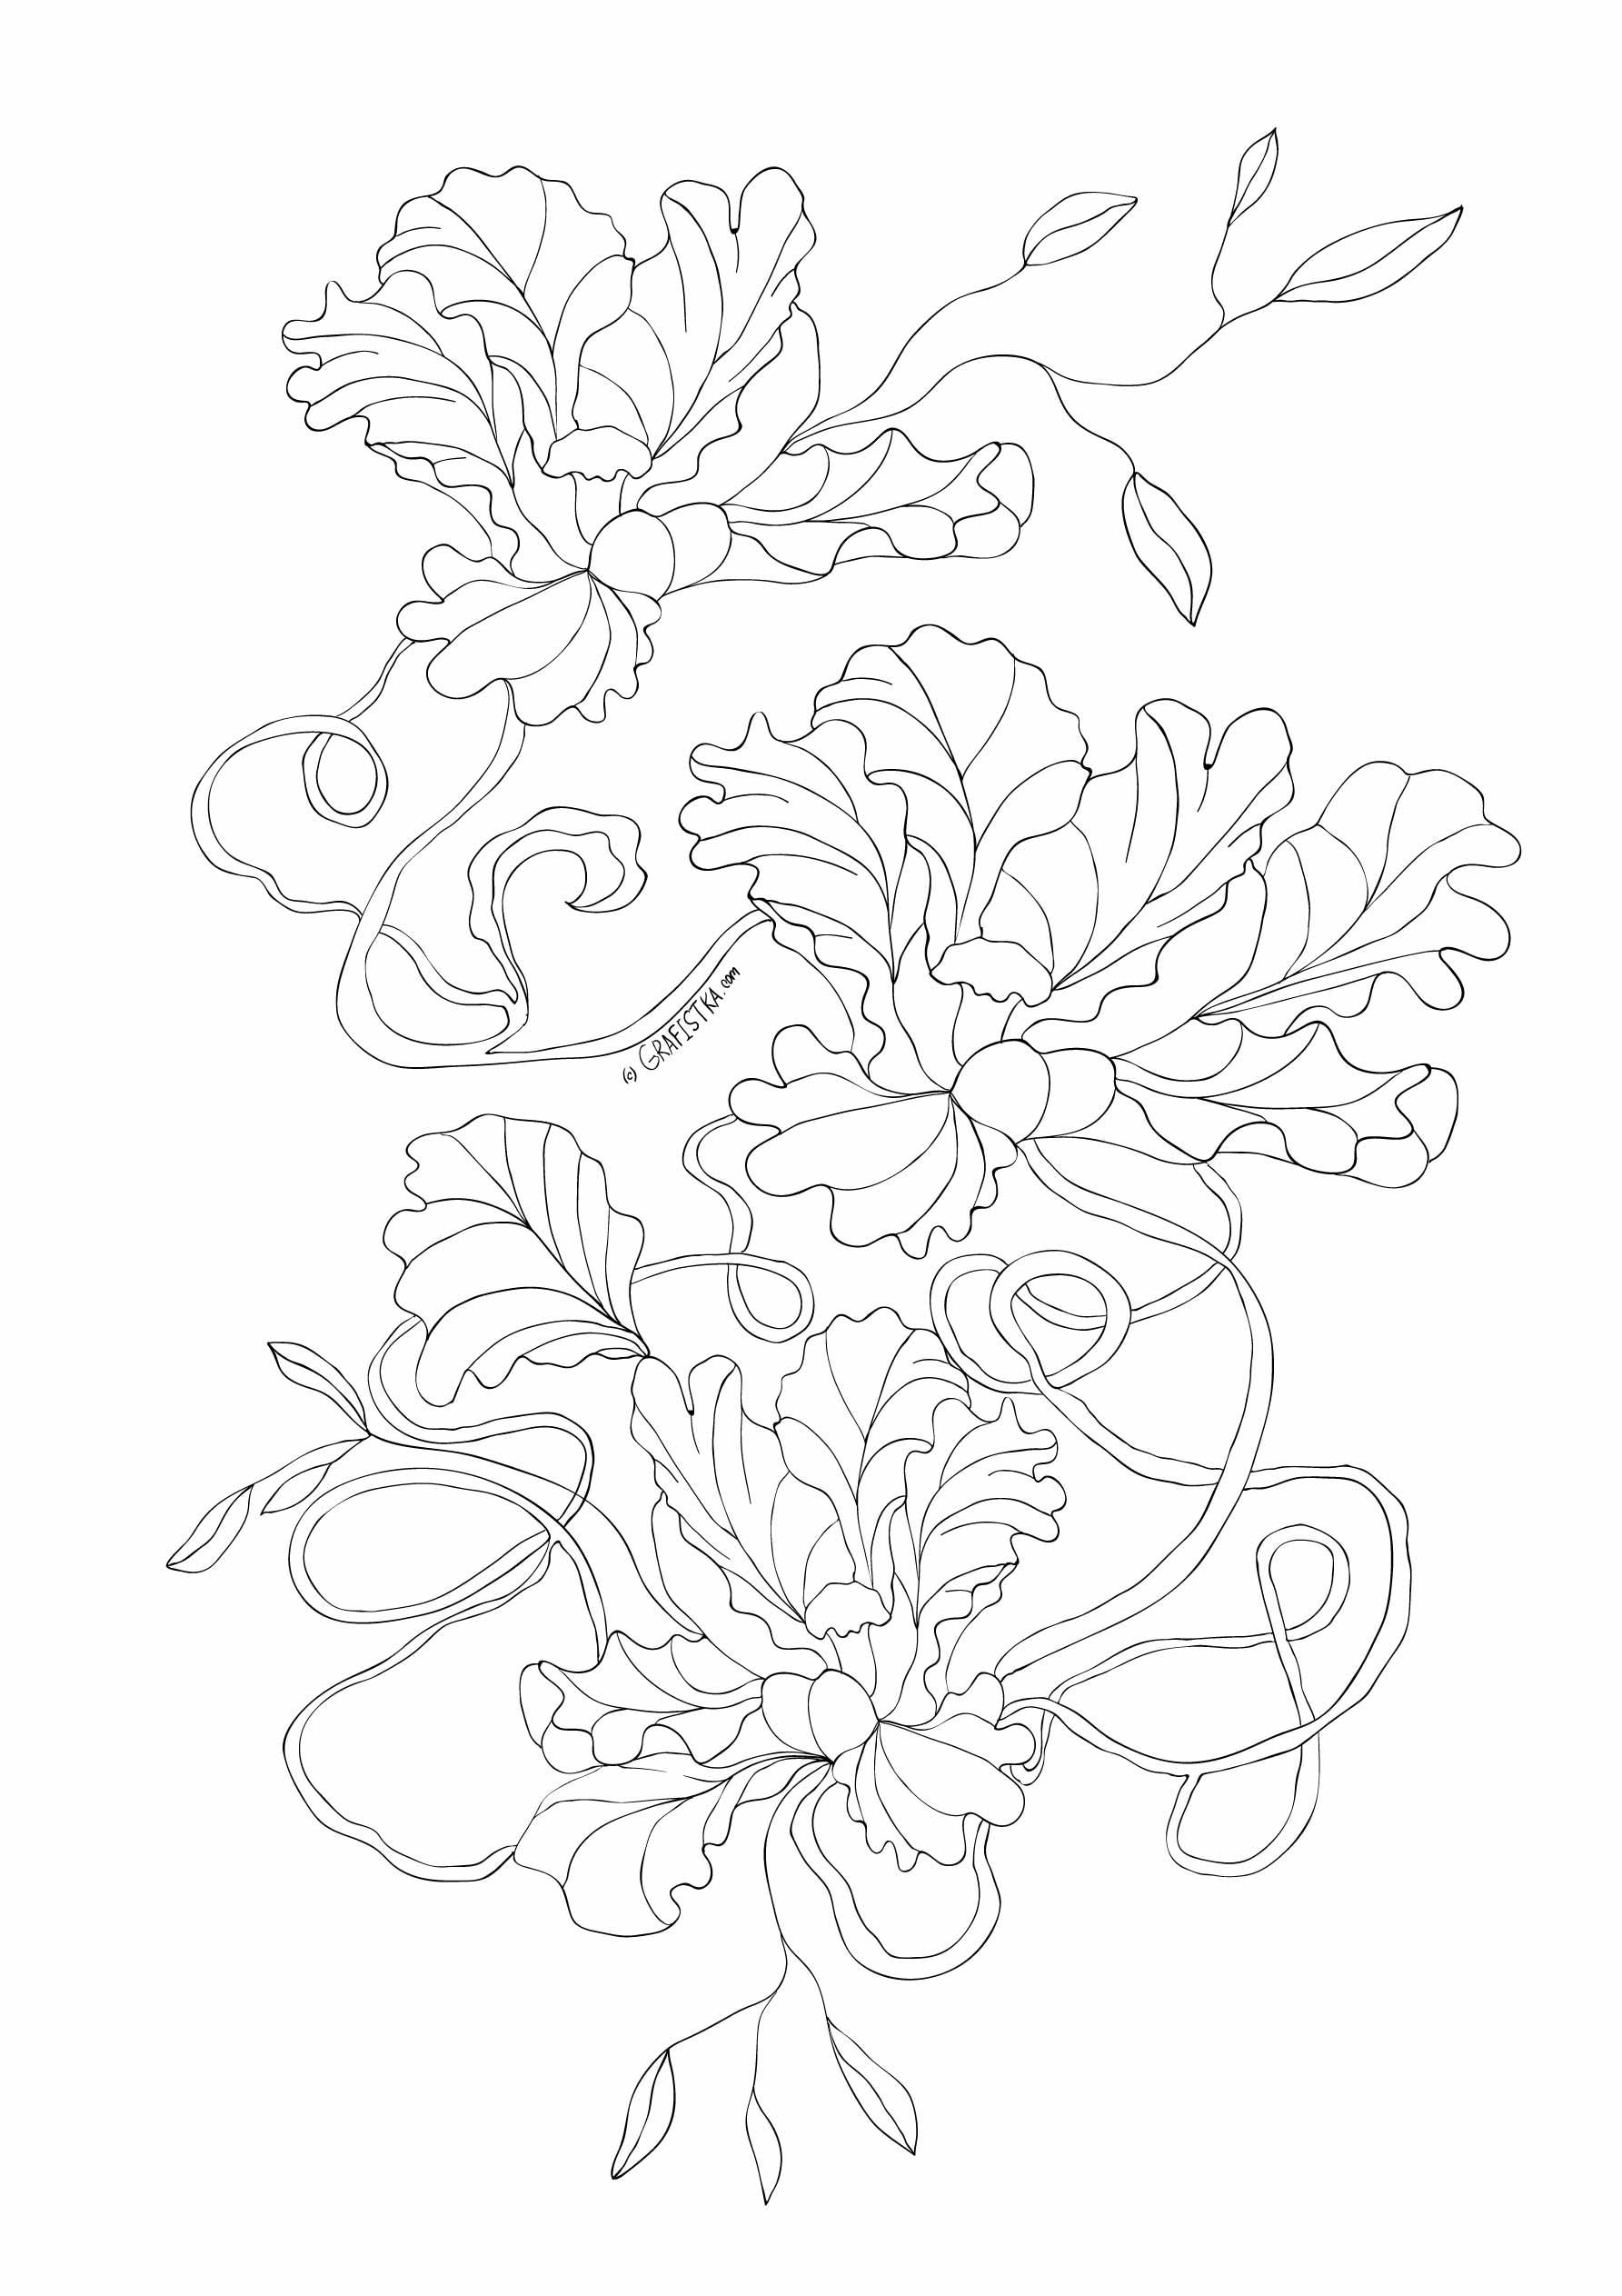 Coloriage Anti Stress Gratuit A Imprimer - Ancenscp destiné Coloriage Anti Stress Disney À Imprimer Gratuit